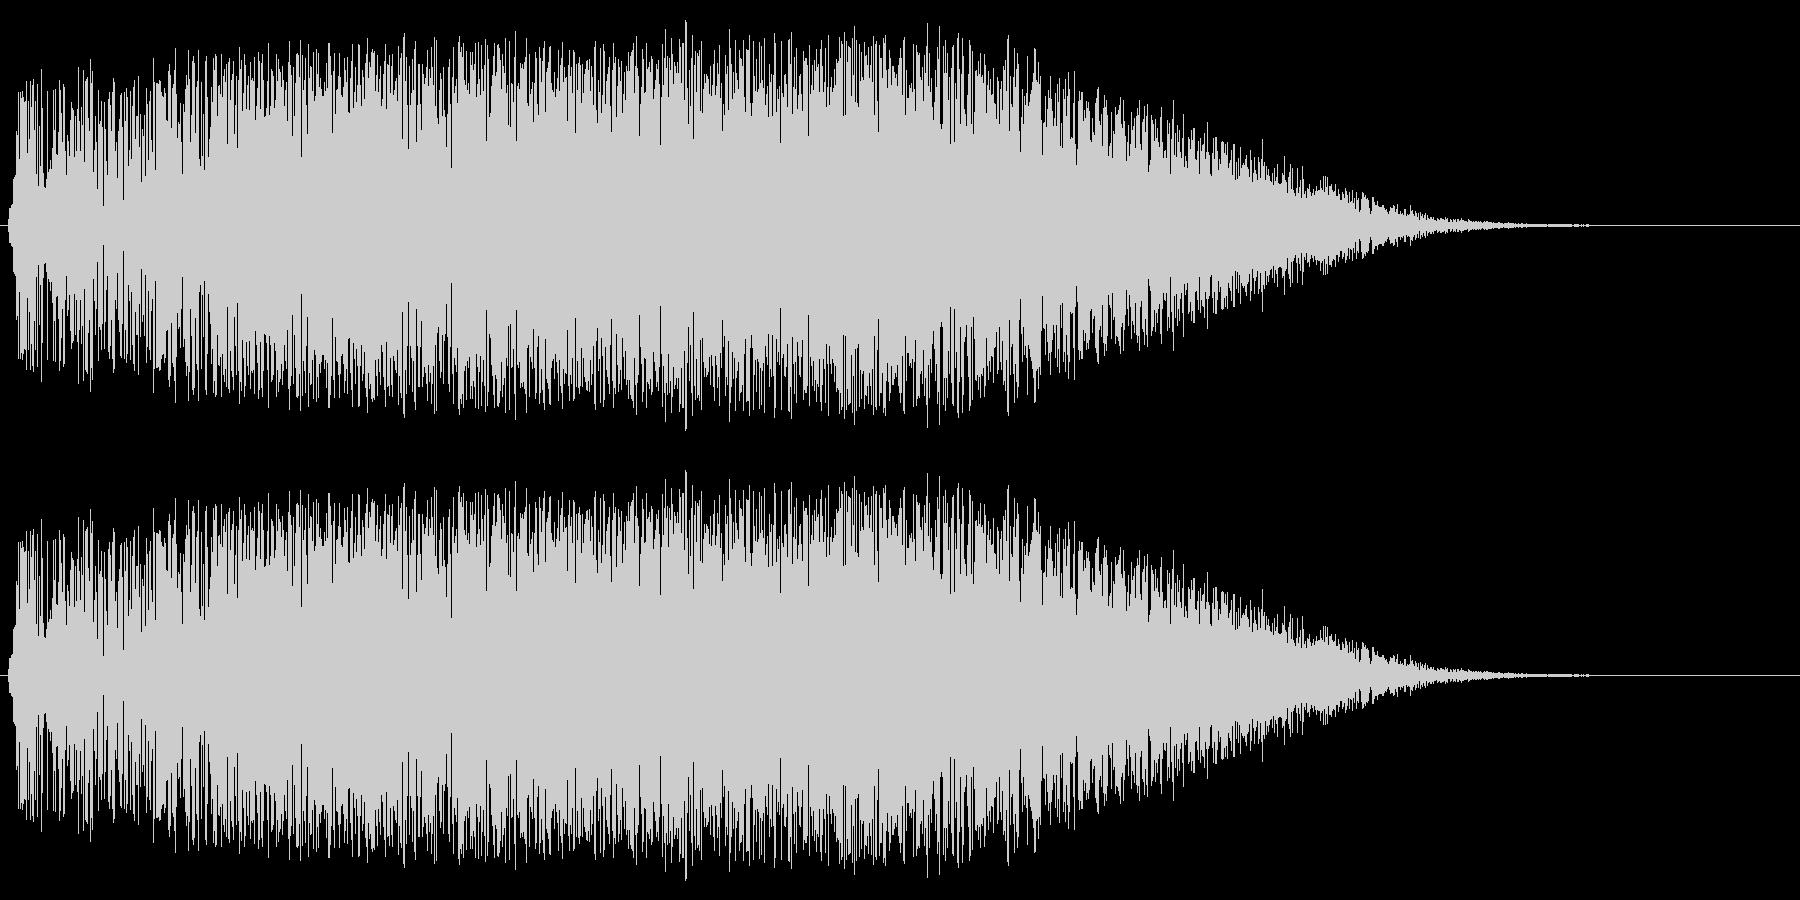 アニメにありそうな巨大メカの起動音の未再生の波形